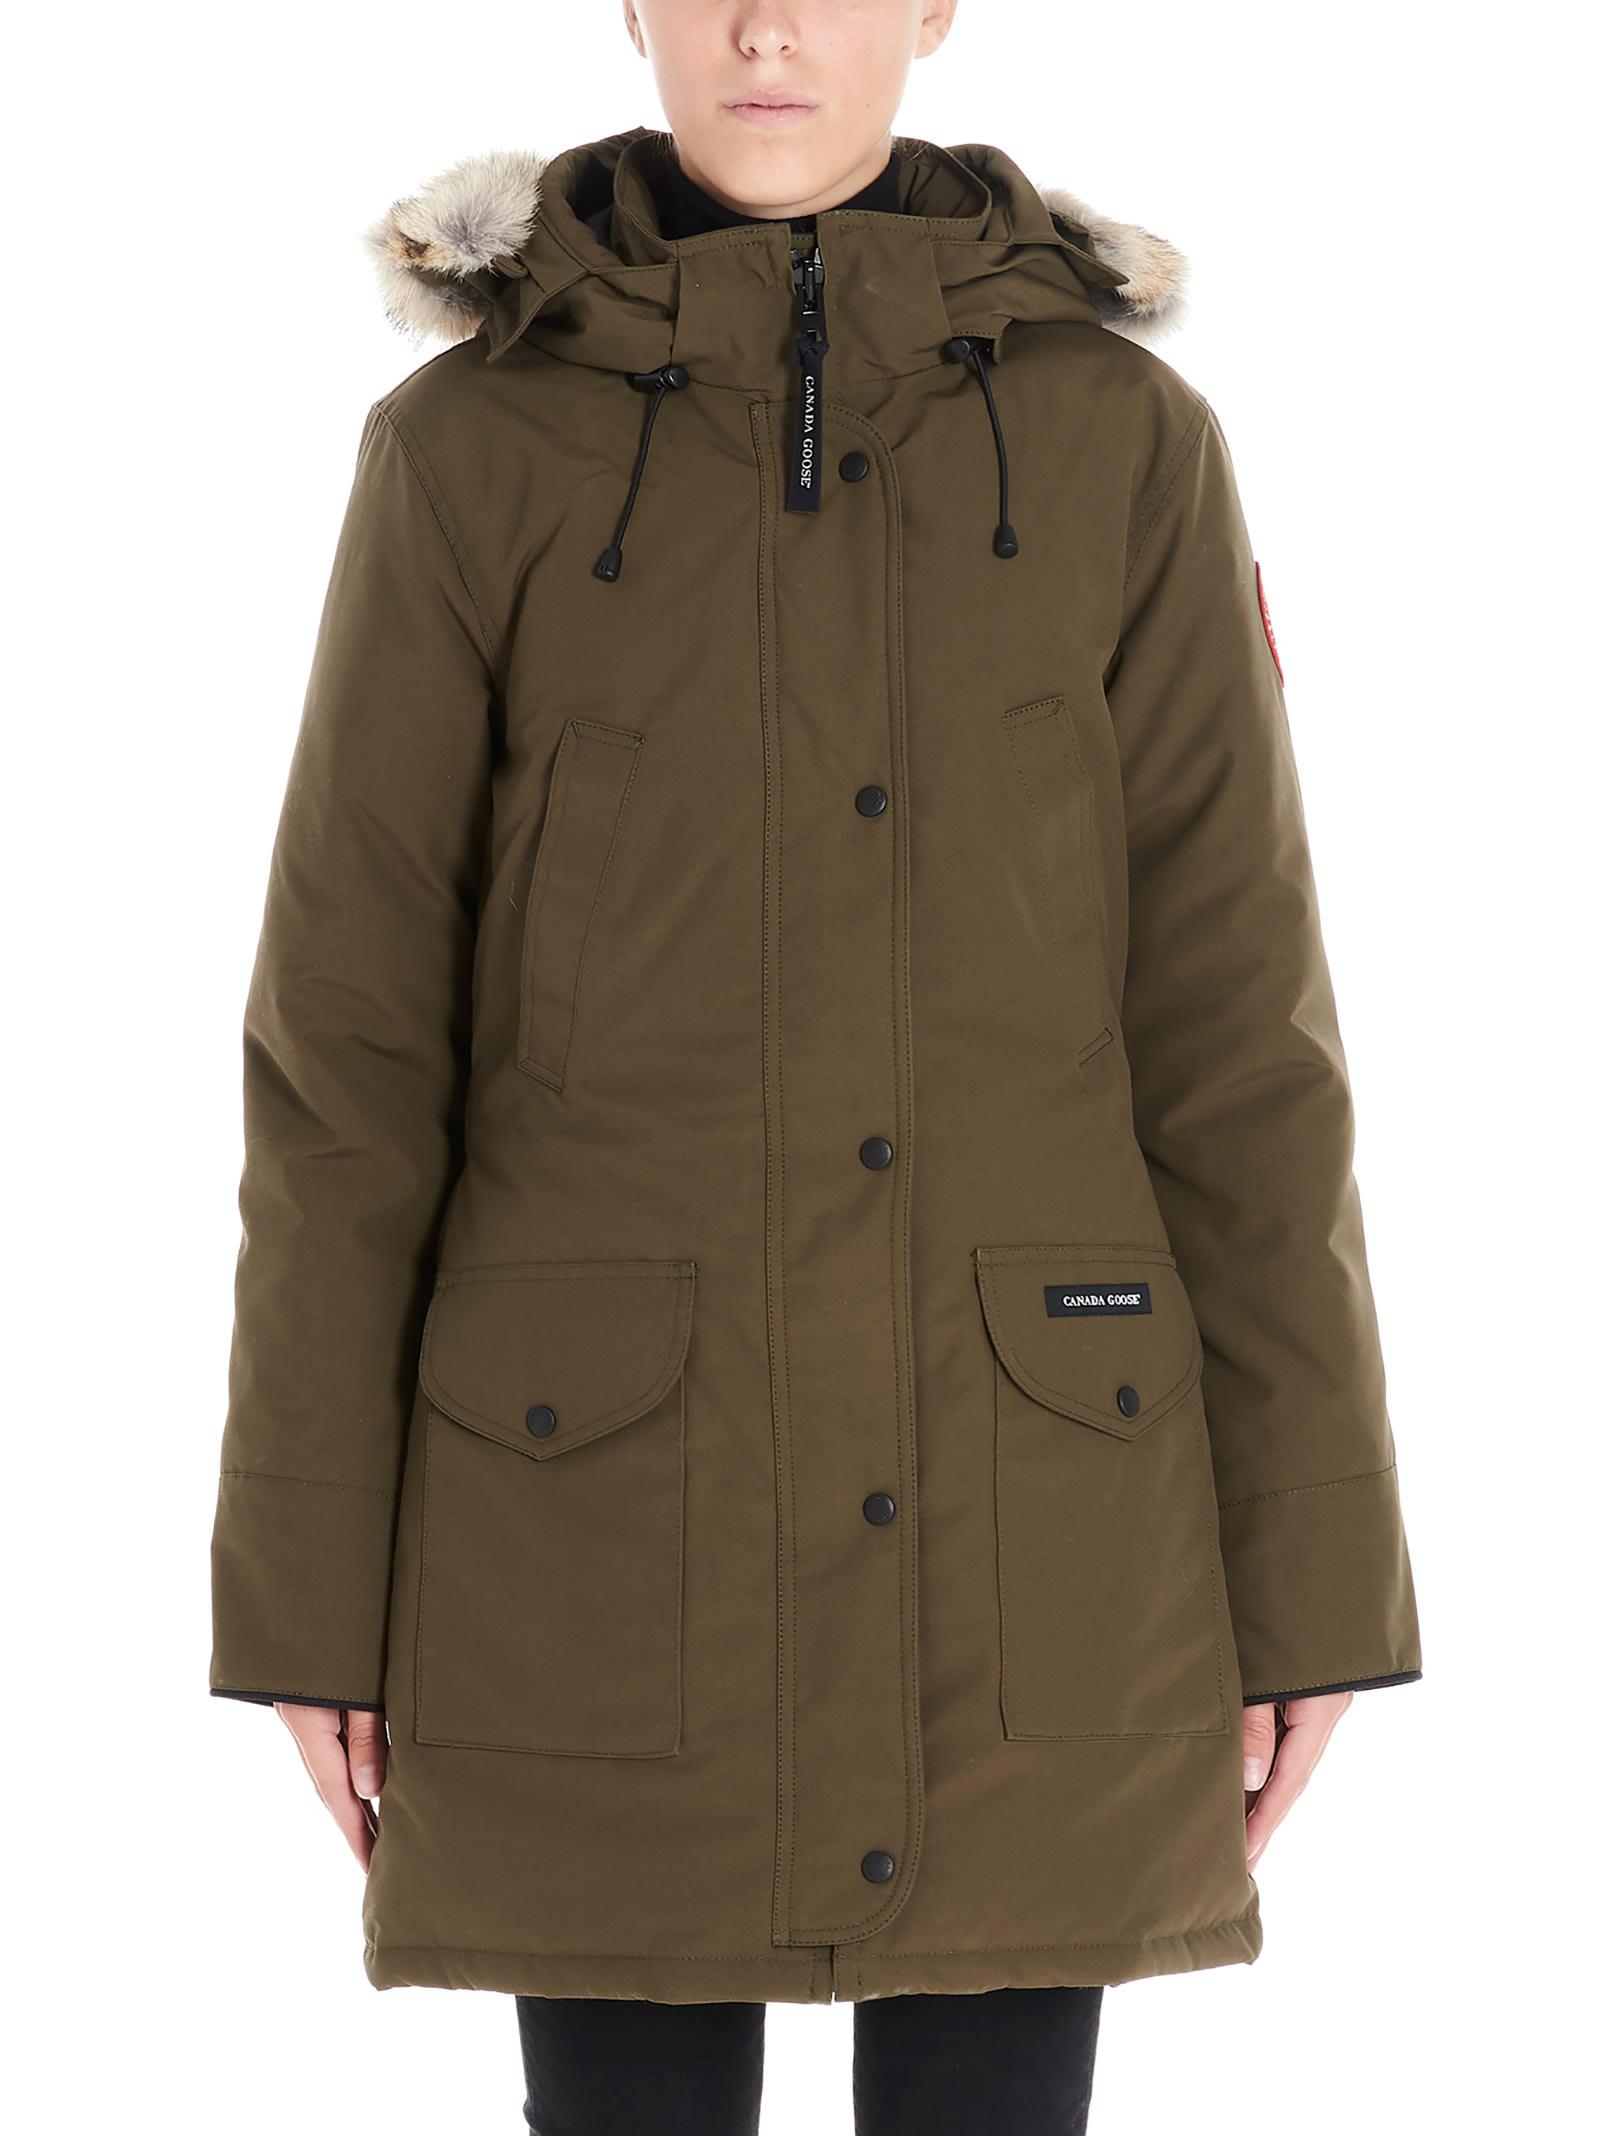 Canada Goose trillium Jacket